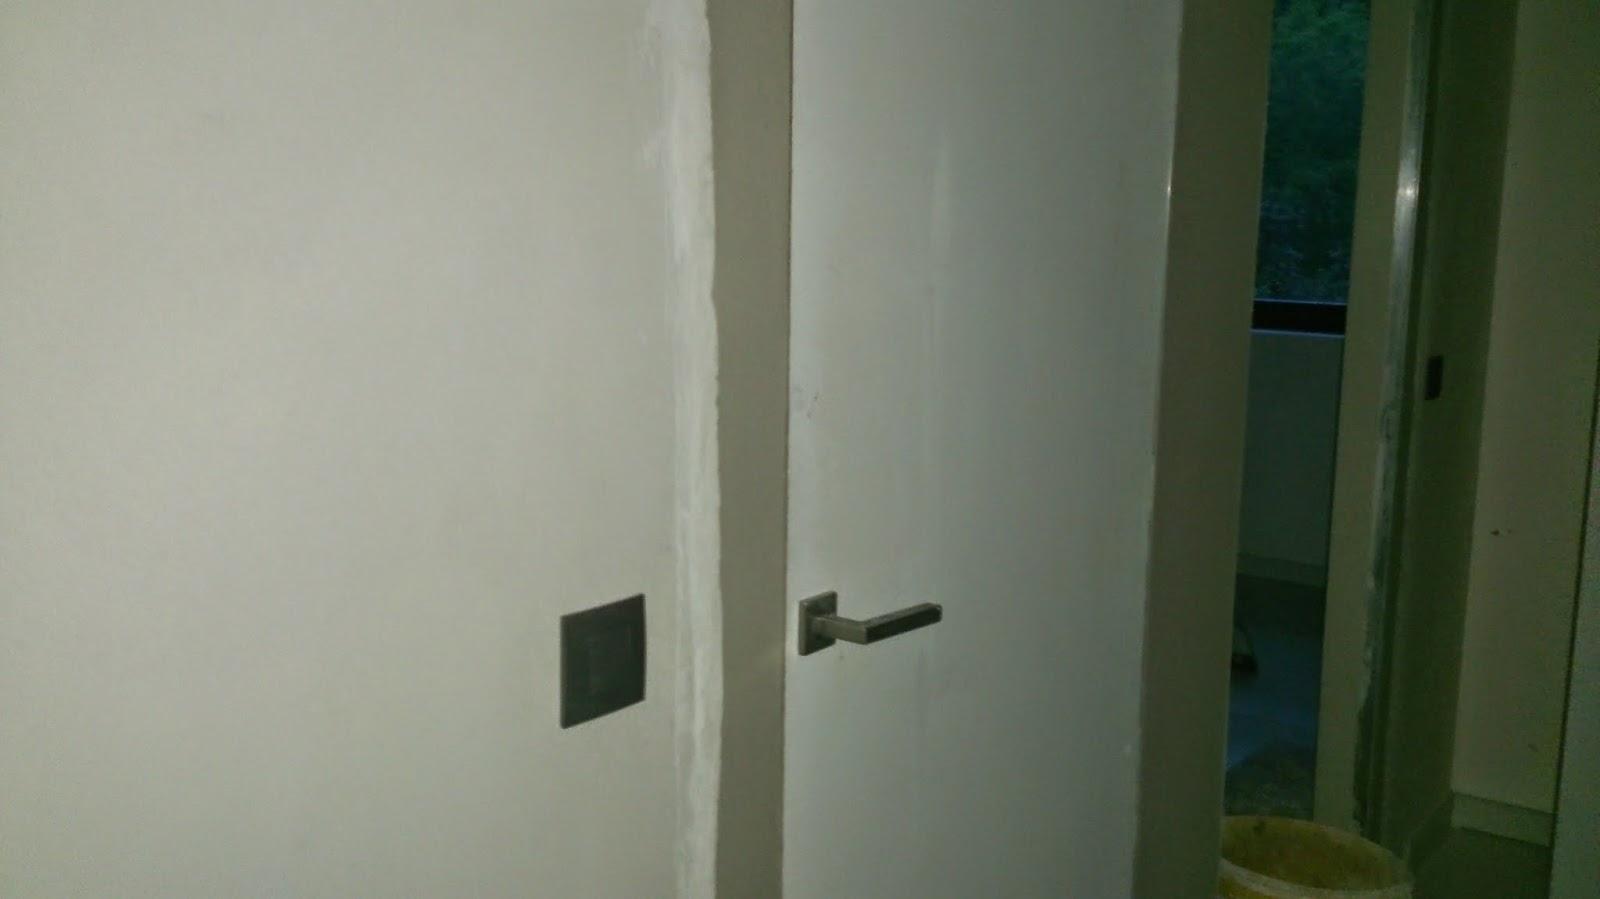 Kaboutersgezochtdeel en juli deuren geplakt ikea